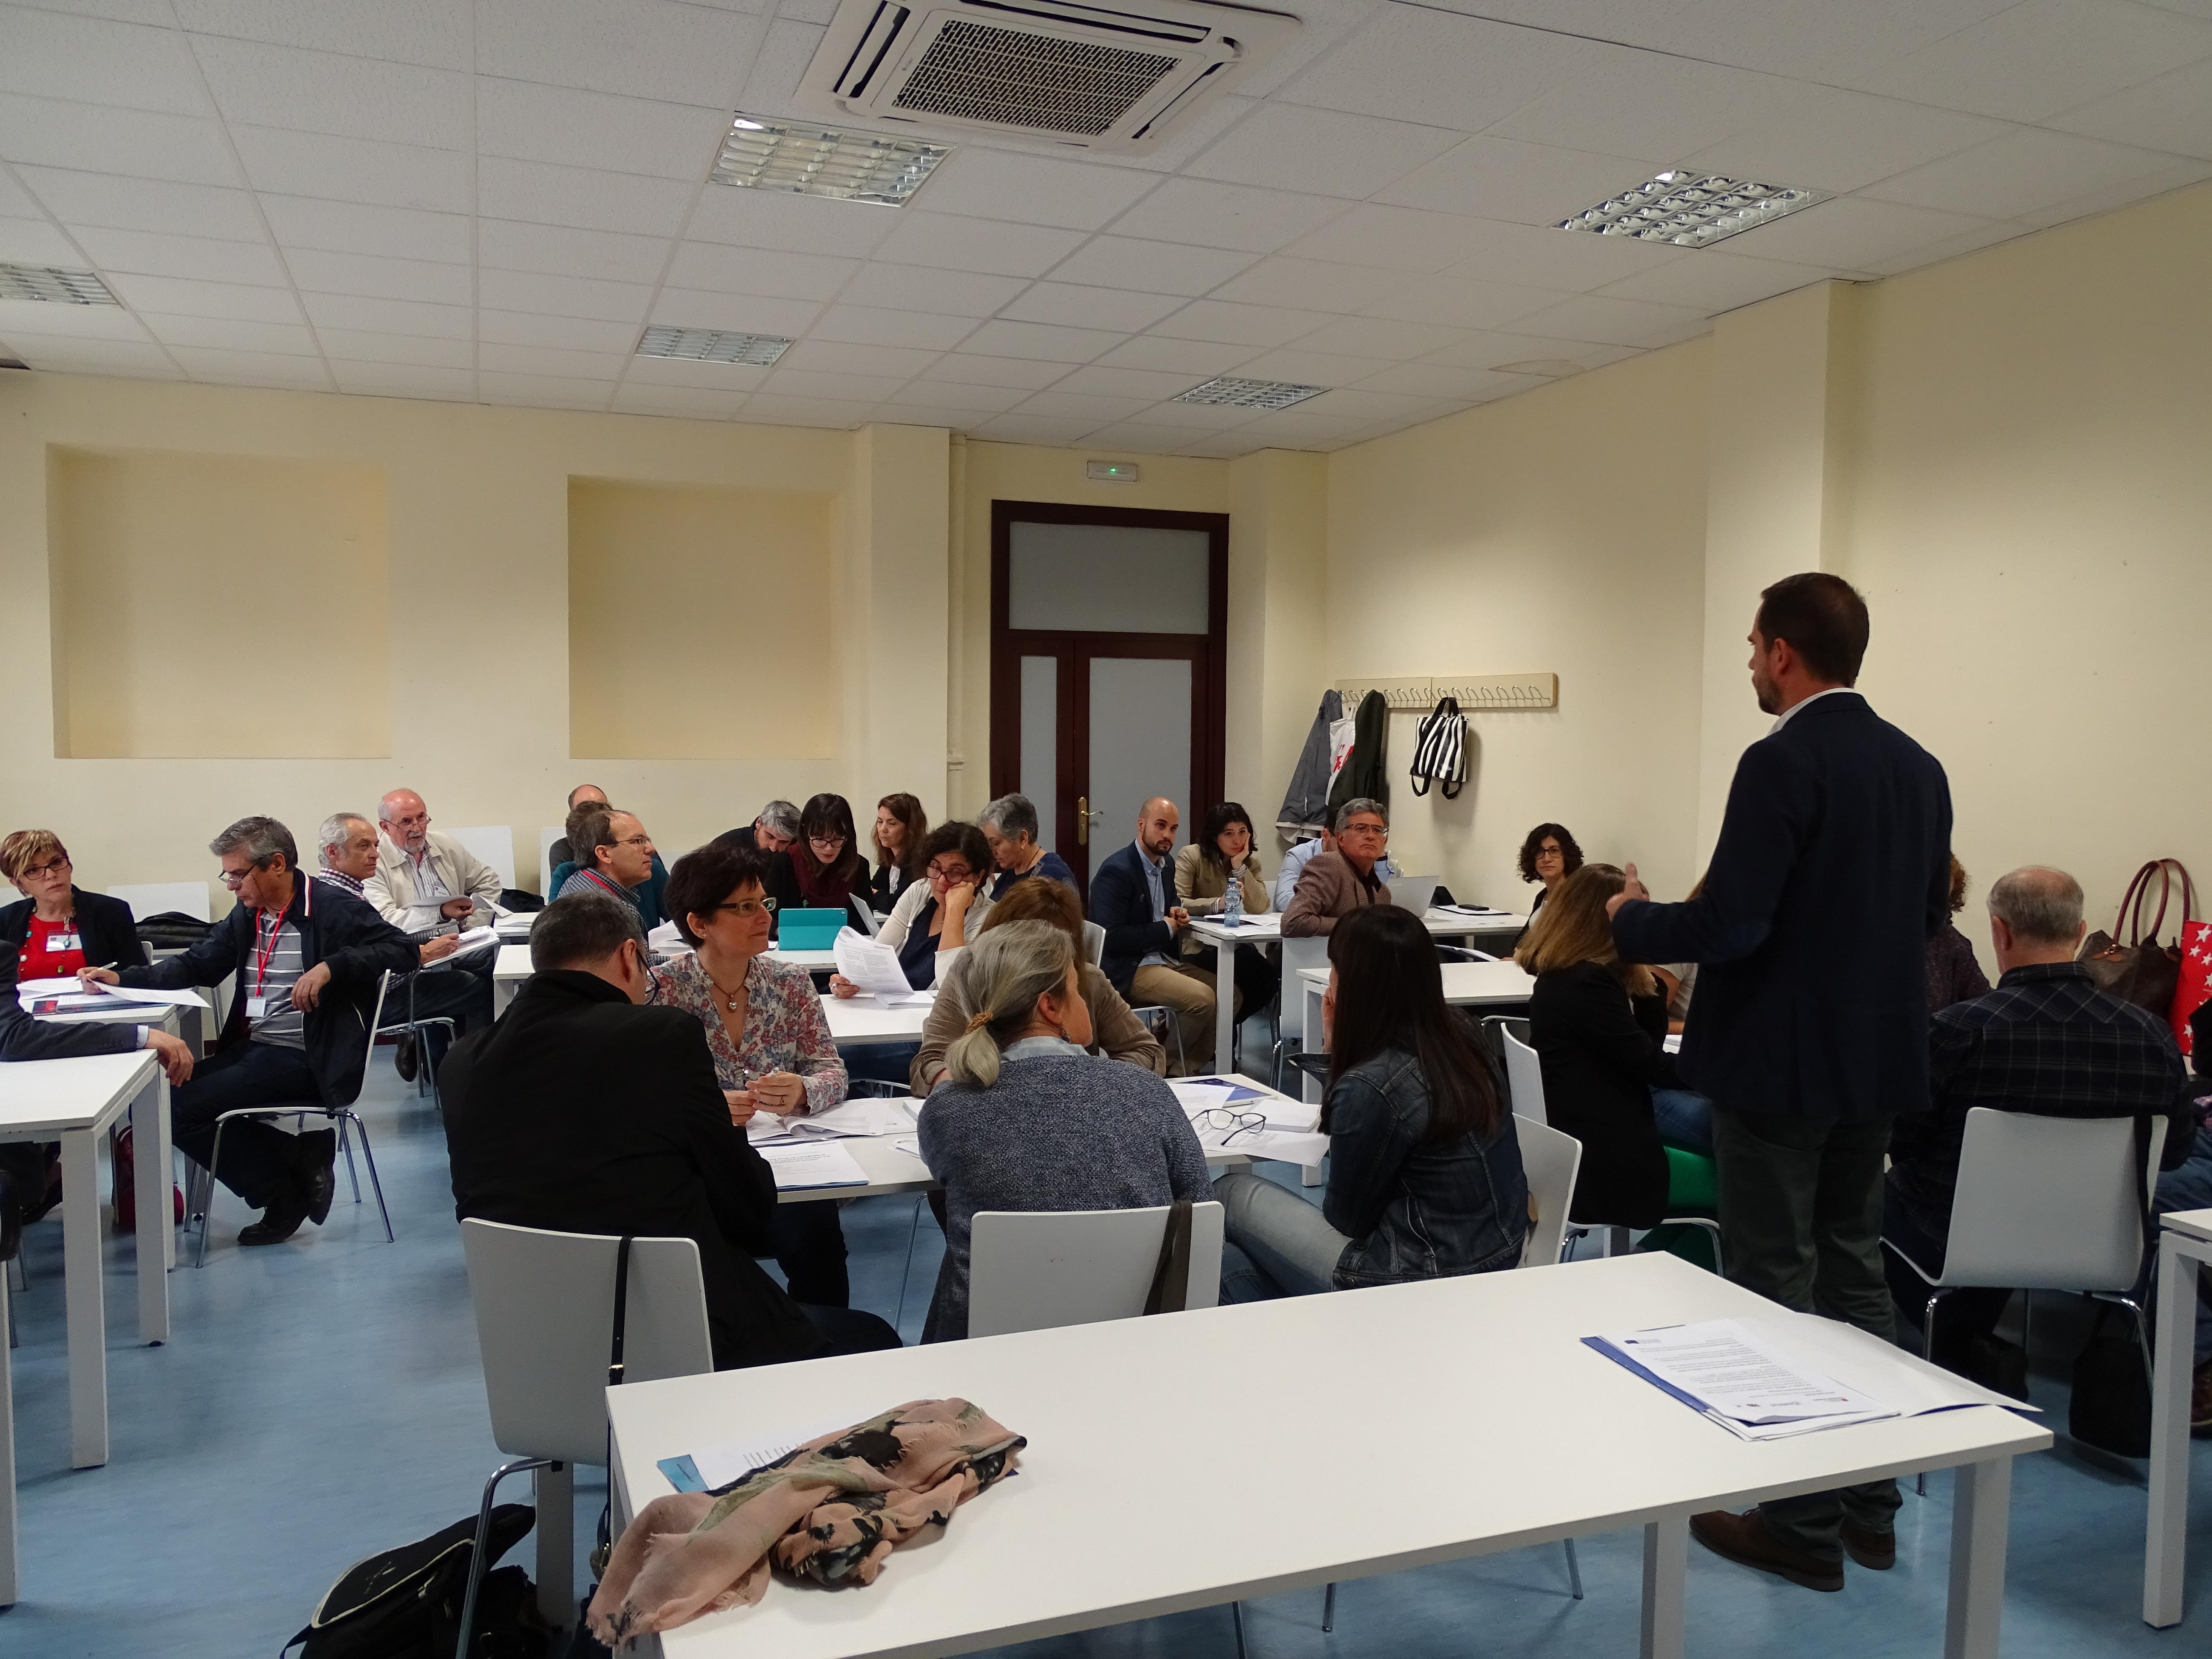 Nuevas metodologías para la enseñanza de Europa: ¡Esto no va de tratados! 9 Junio CTIF Madrid-Capital Taller 1 3